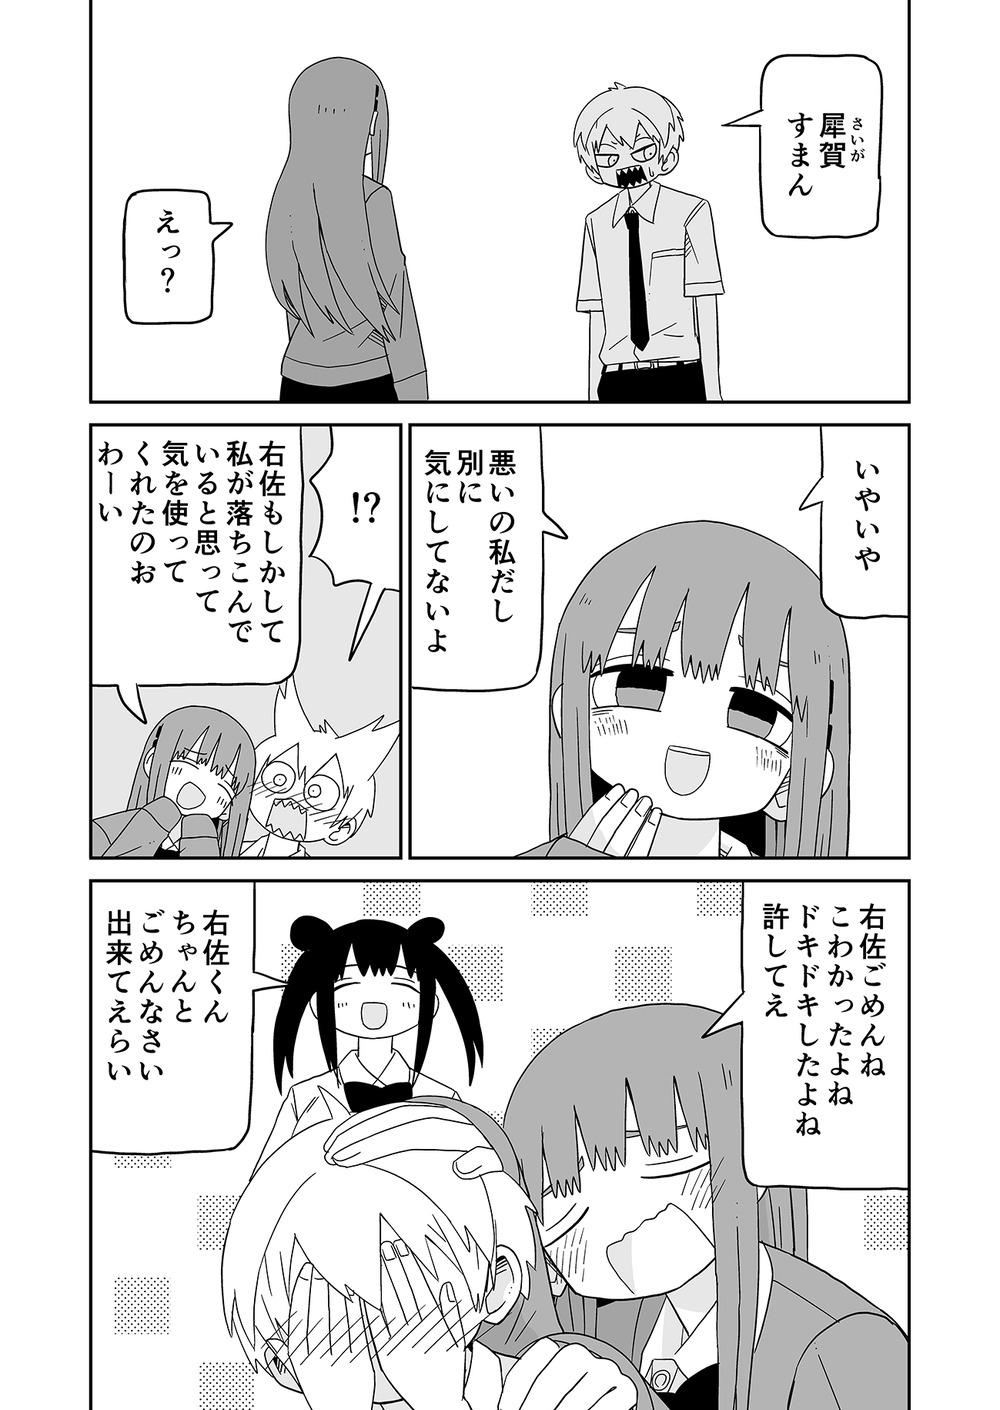 潮舞データオマケ30015